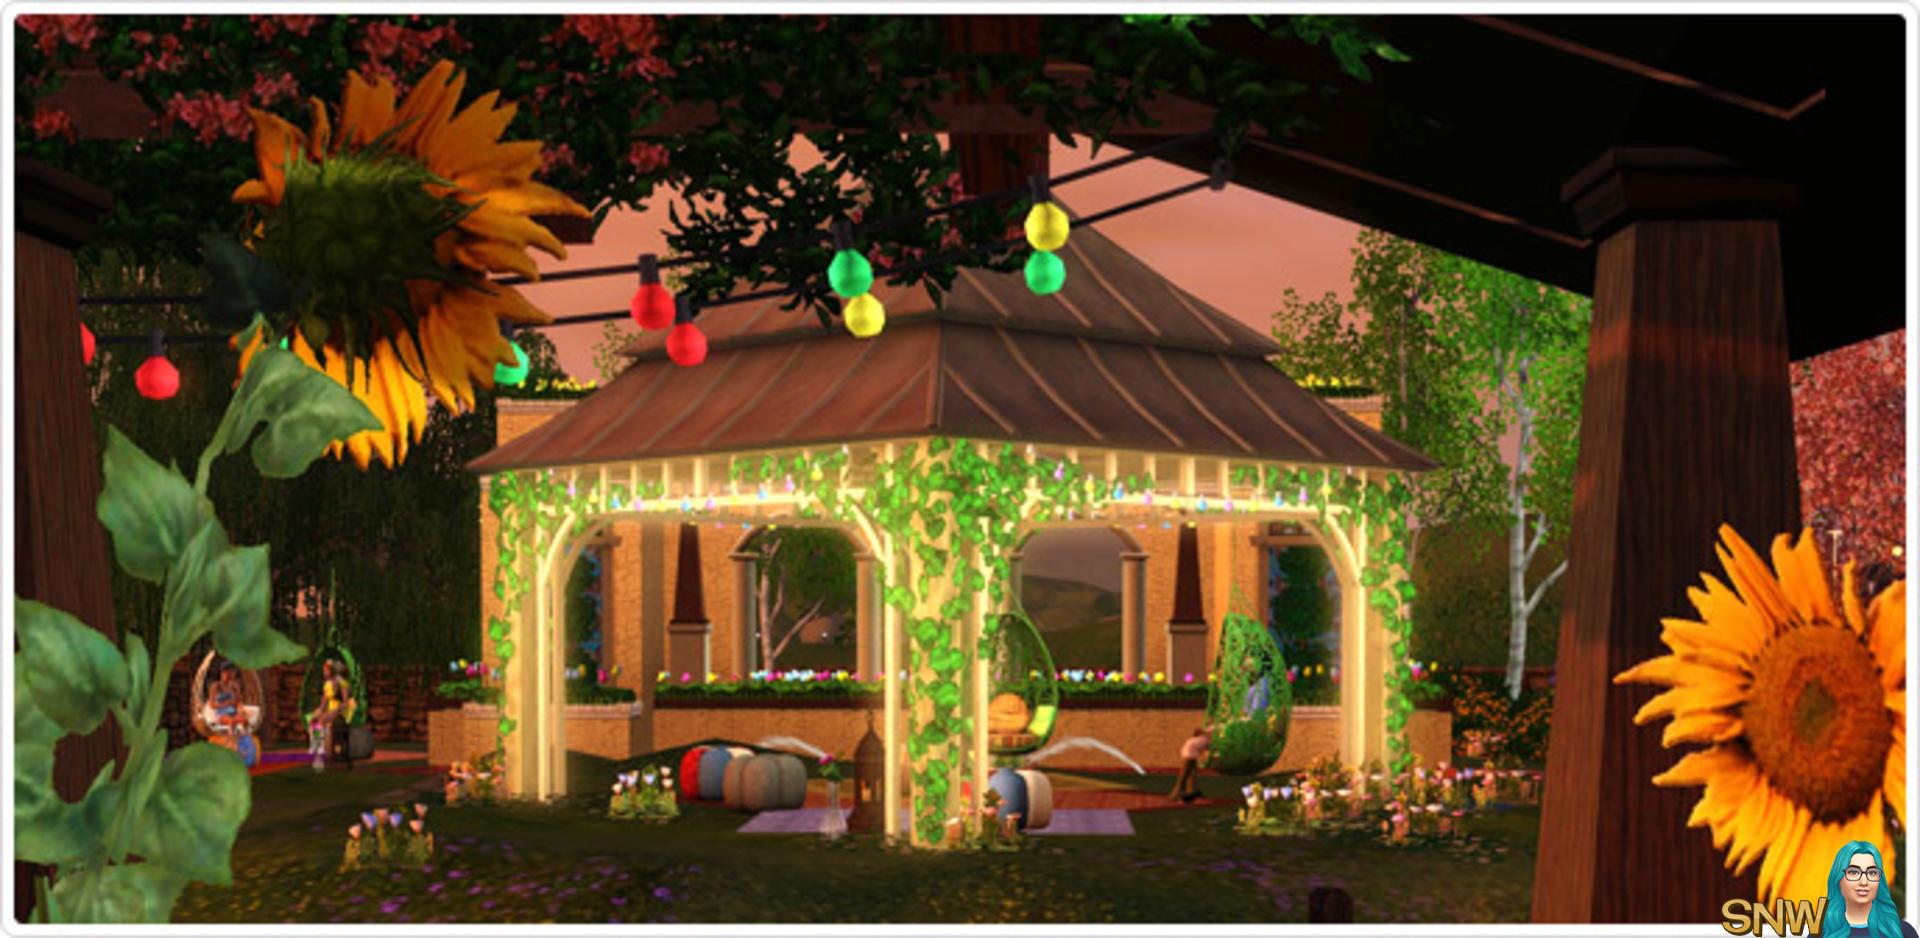 Bohemian Garden store set!  SNW  SimsNetwork.com